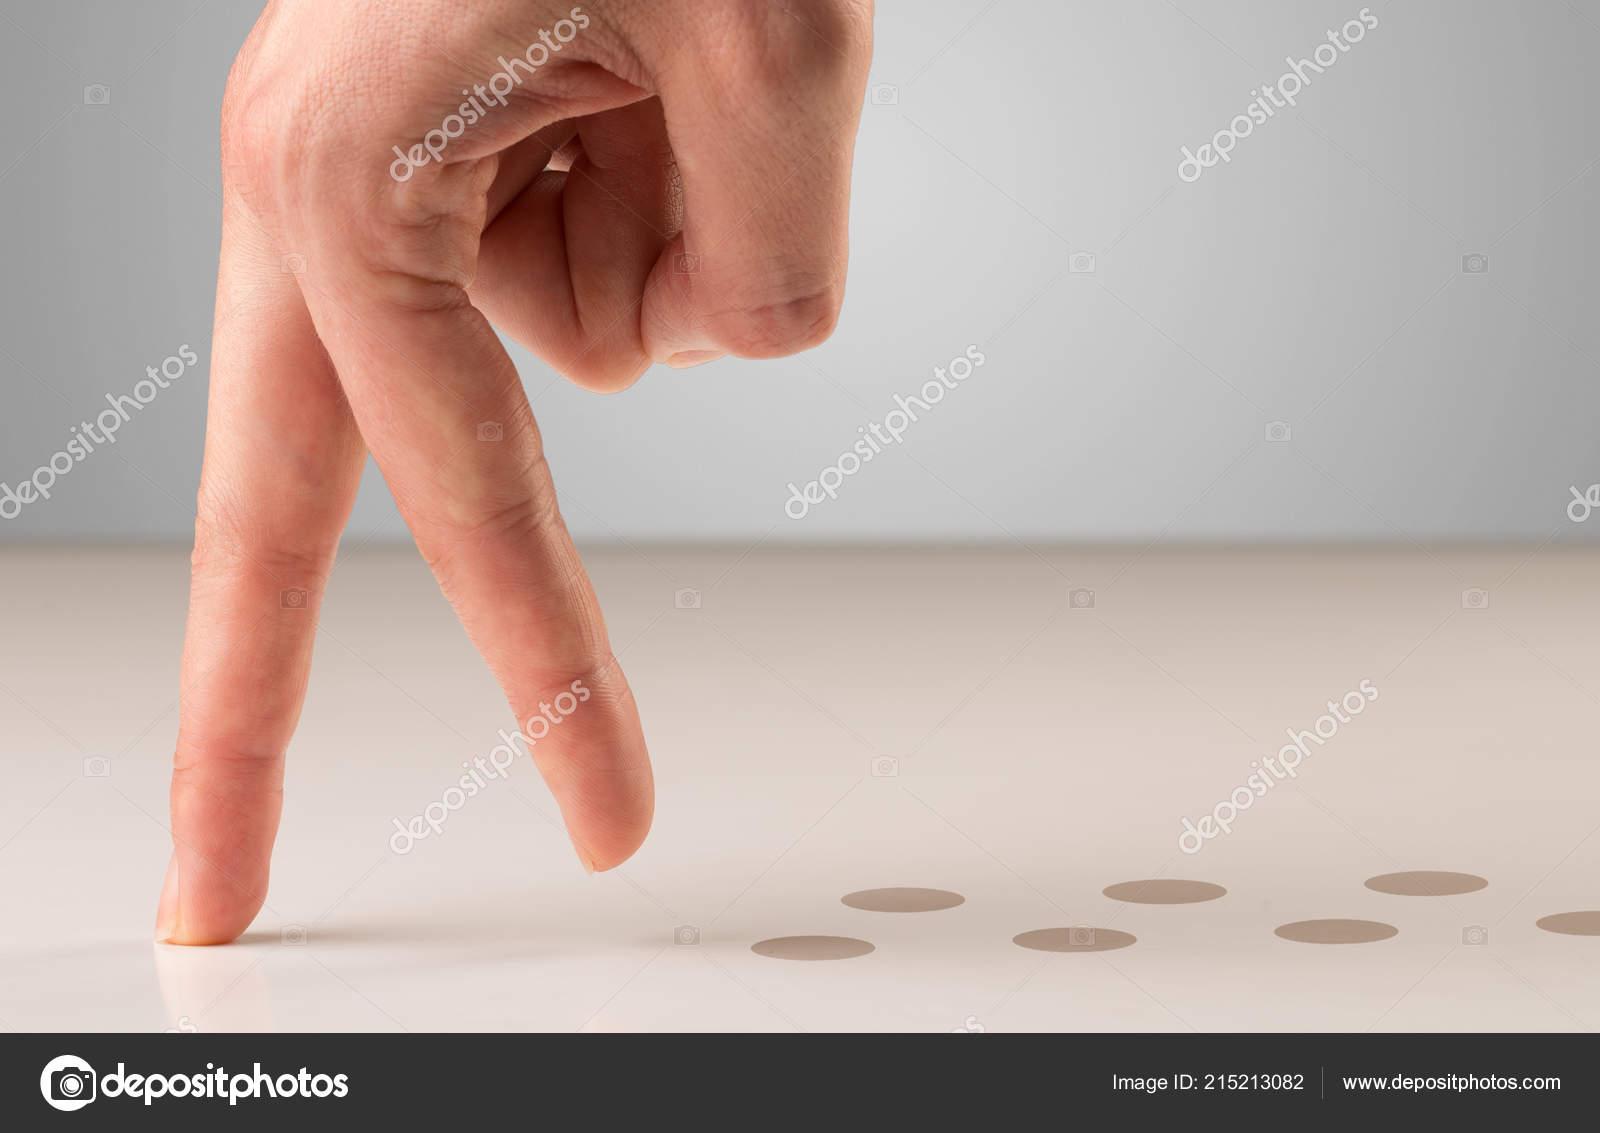 Я хочу засунуть палец в письку, Засунул в писю залупу и кончил внутрь подружки 22 фотография